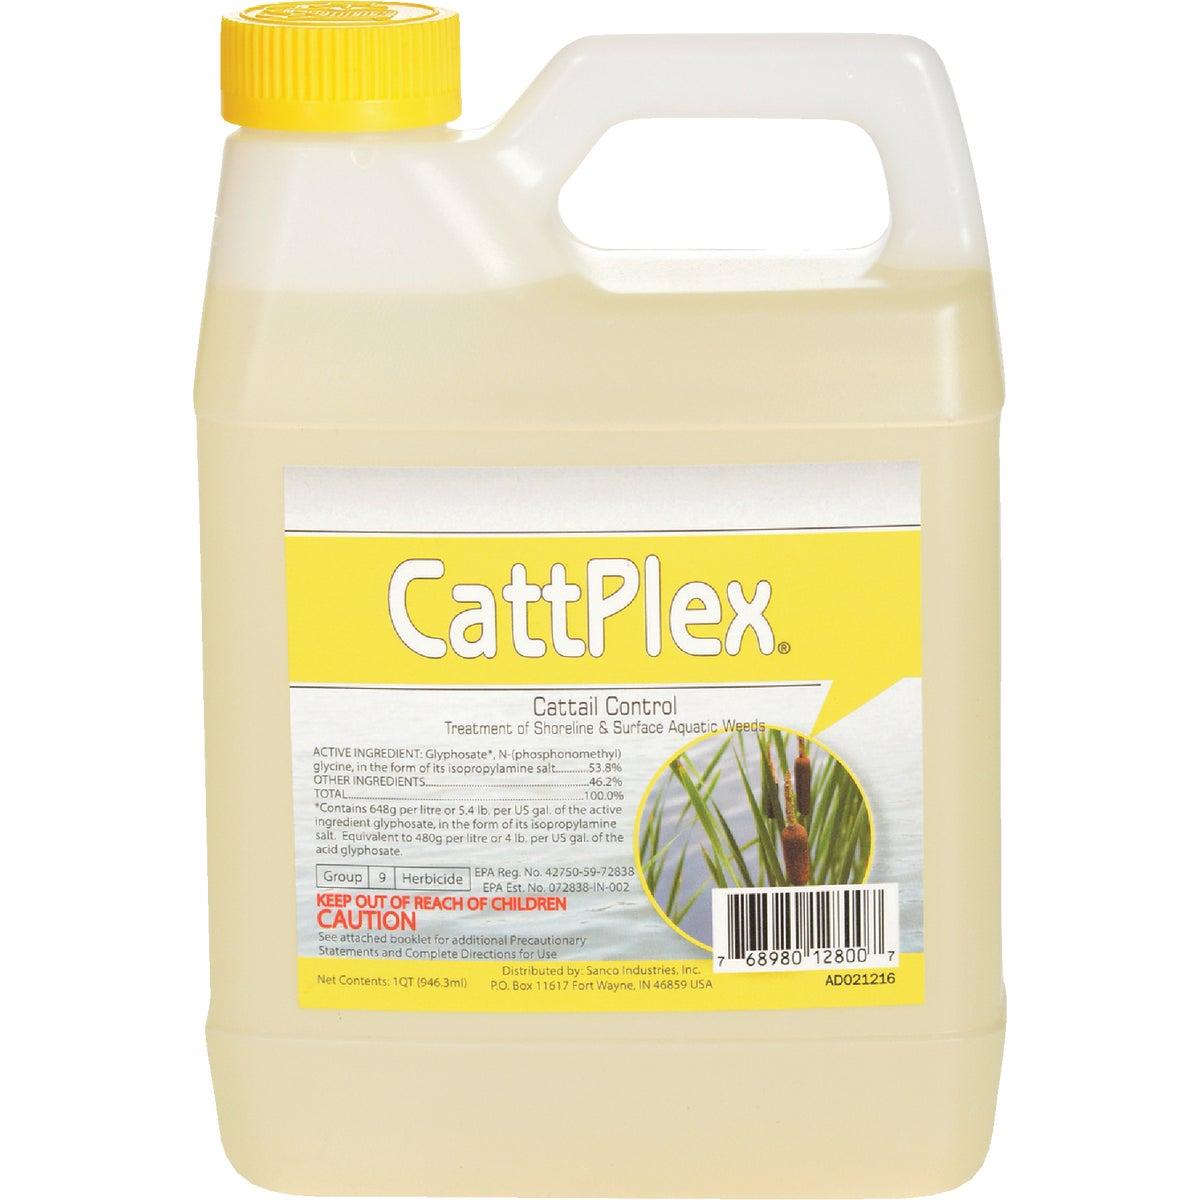 1QT CATPLEX WEED CONTROL